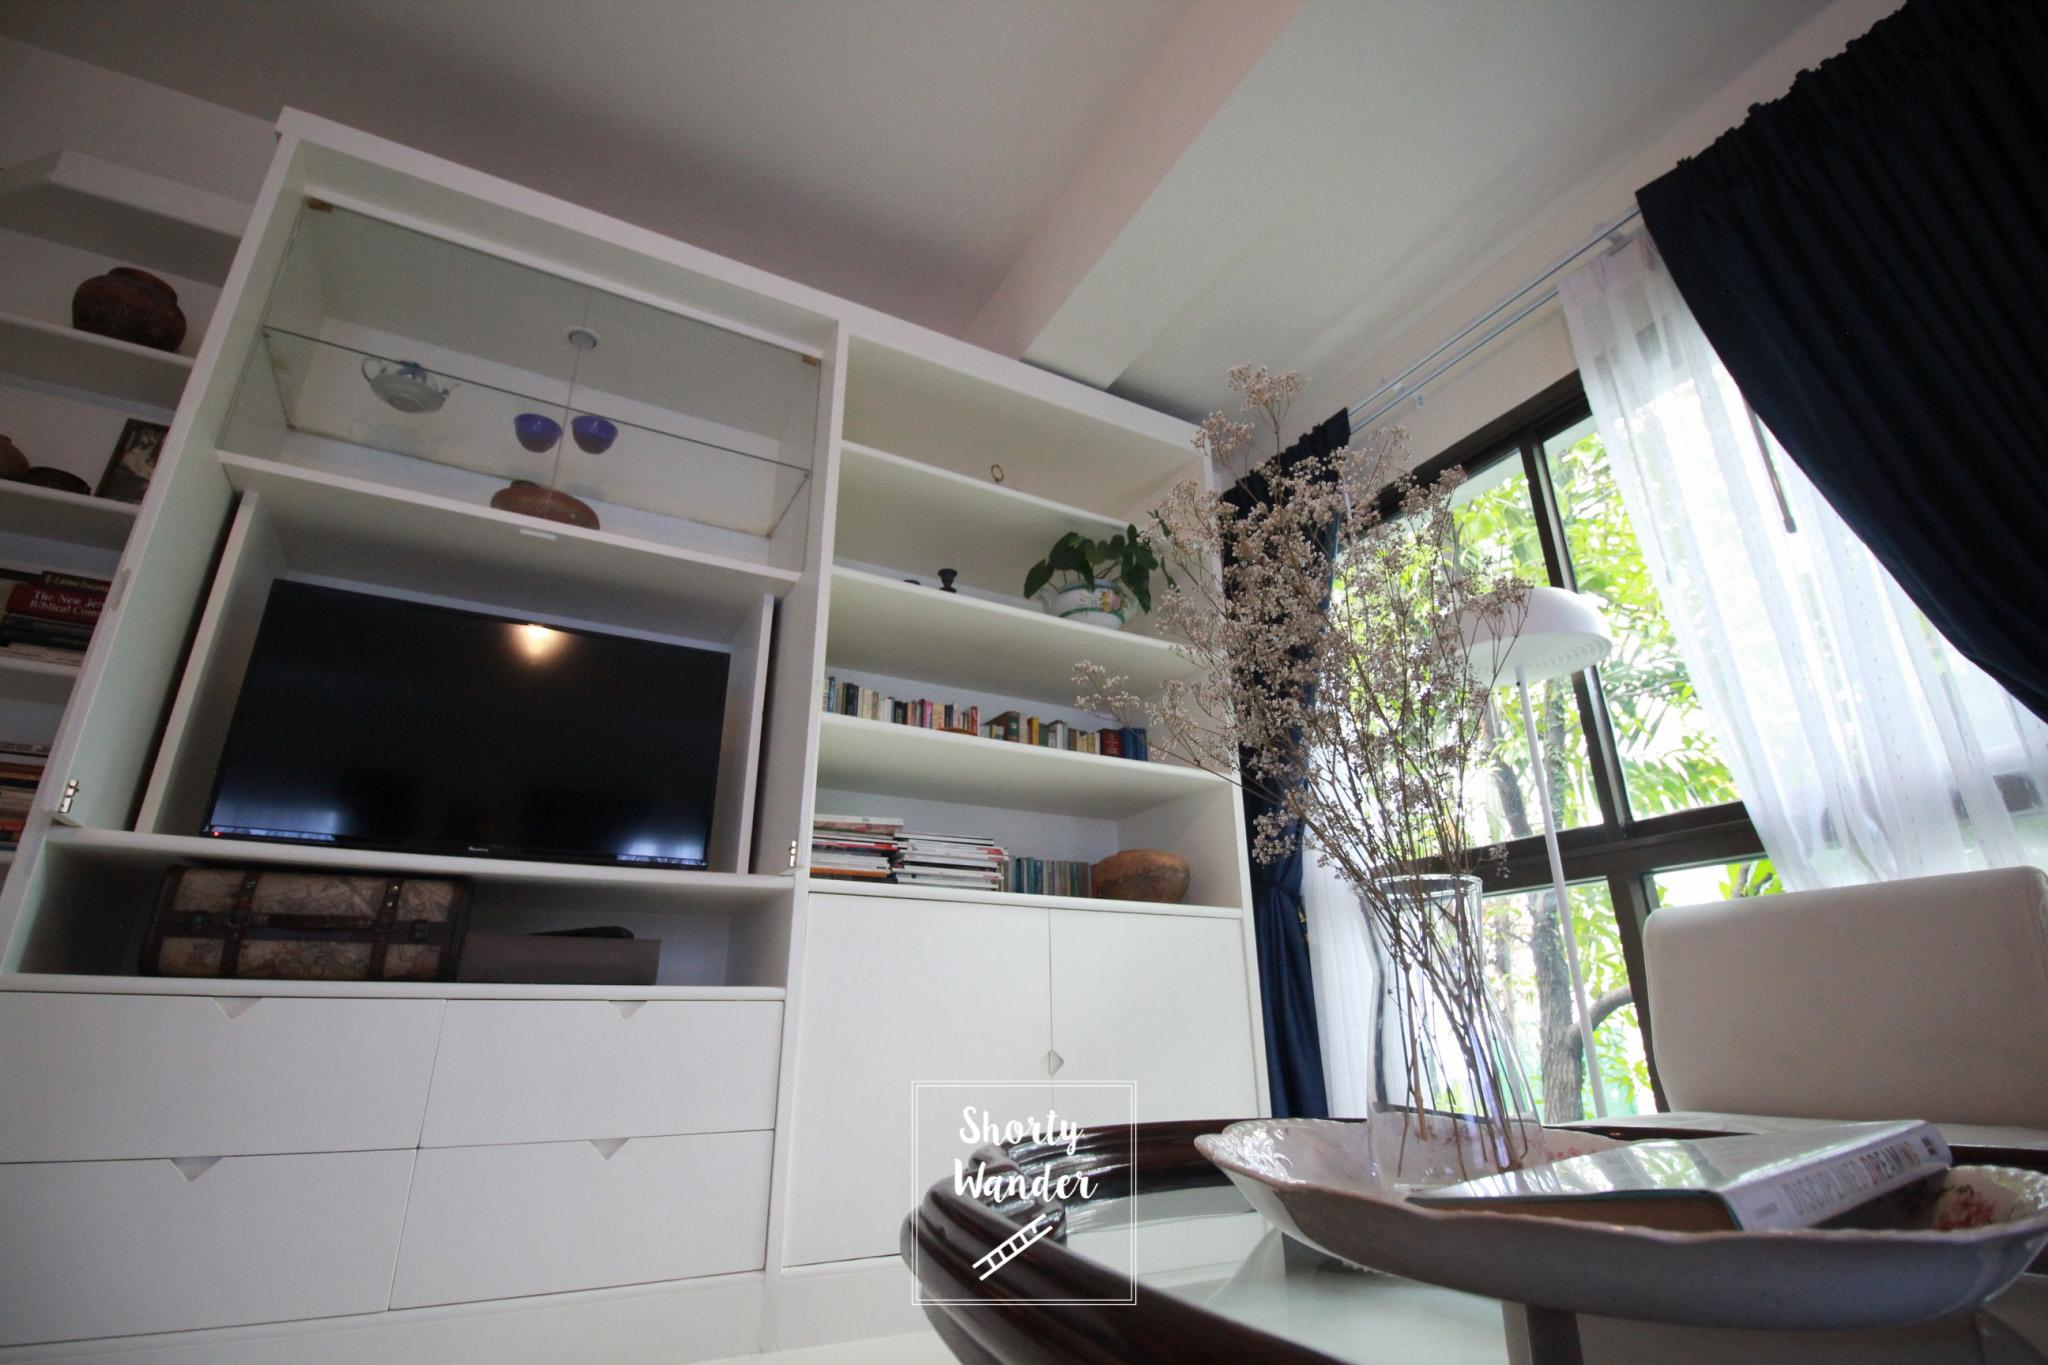 Residence_6865.jpg